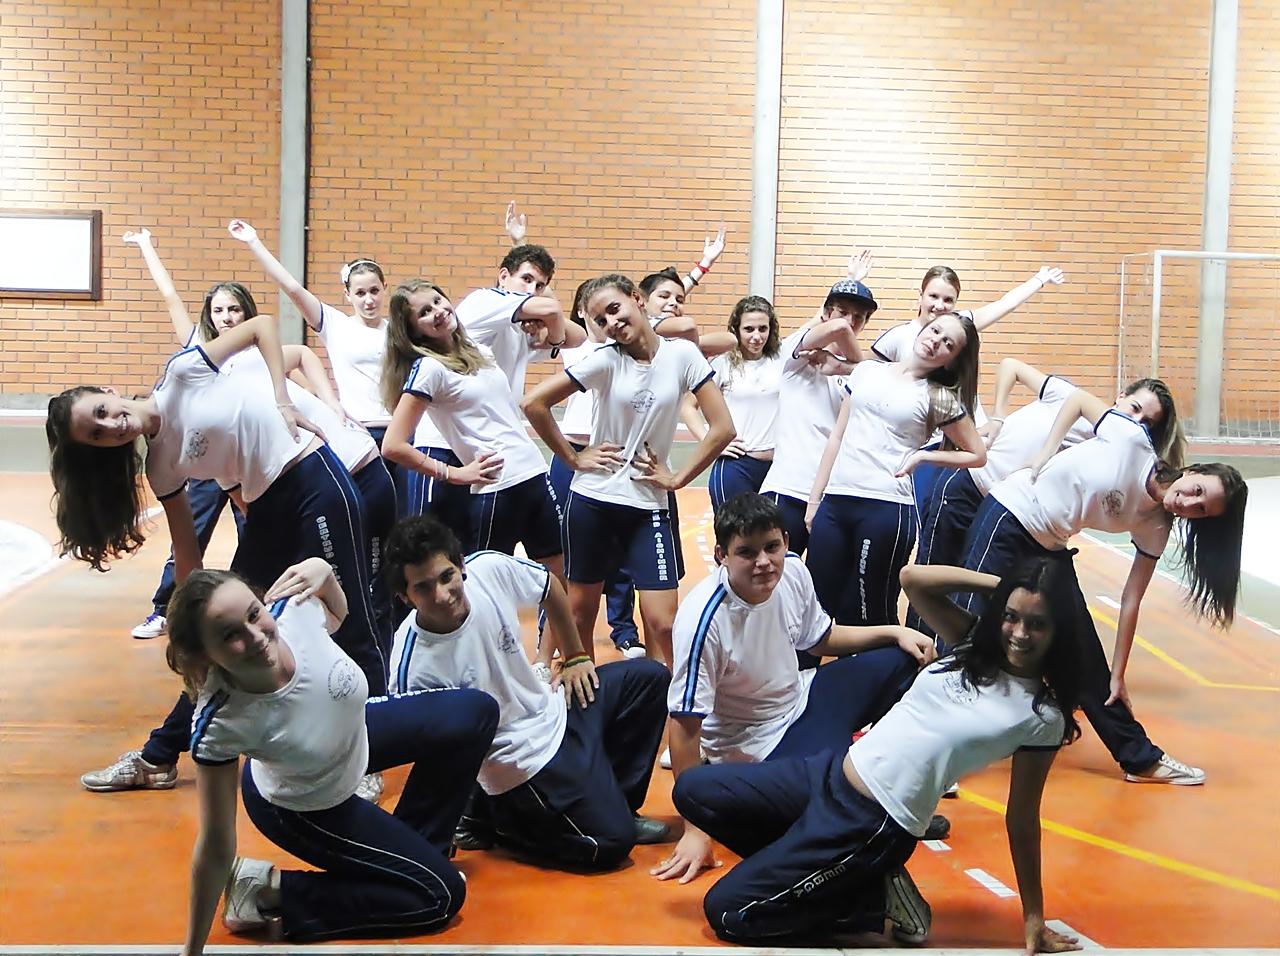 Como podemos melhorar a educação no brasil